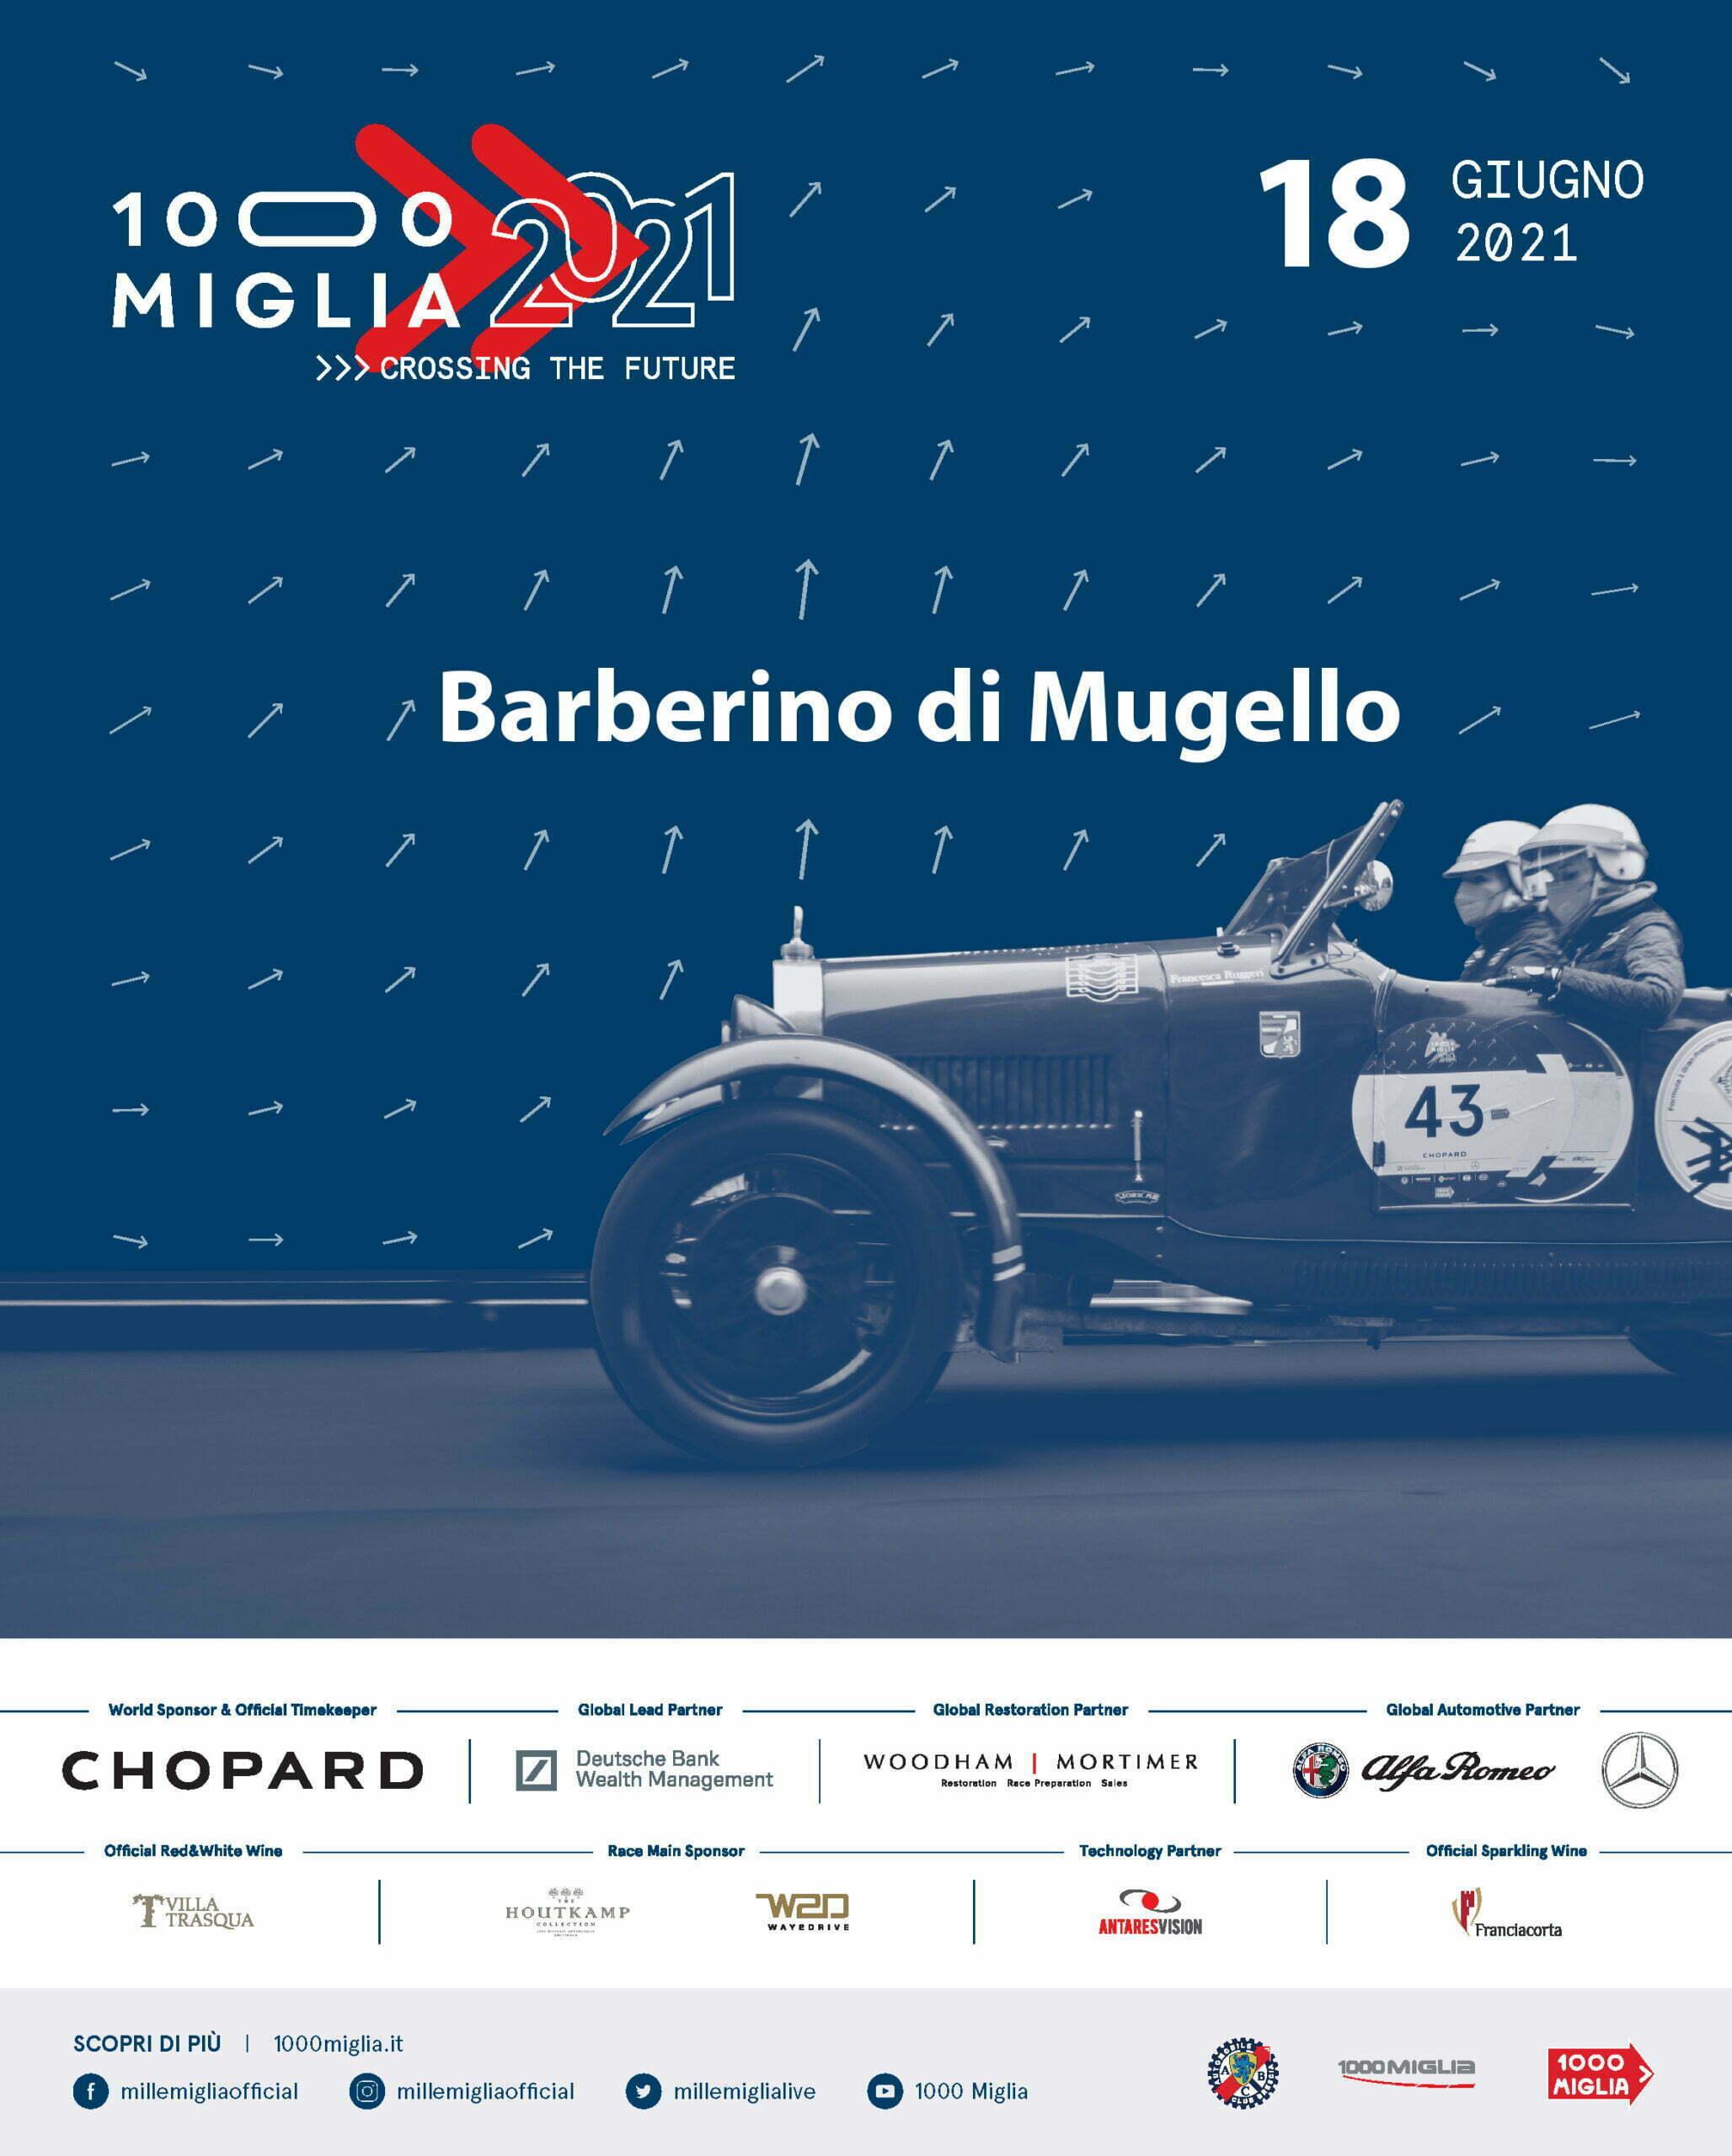 Mille Miglia 2021 Barberino